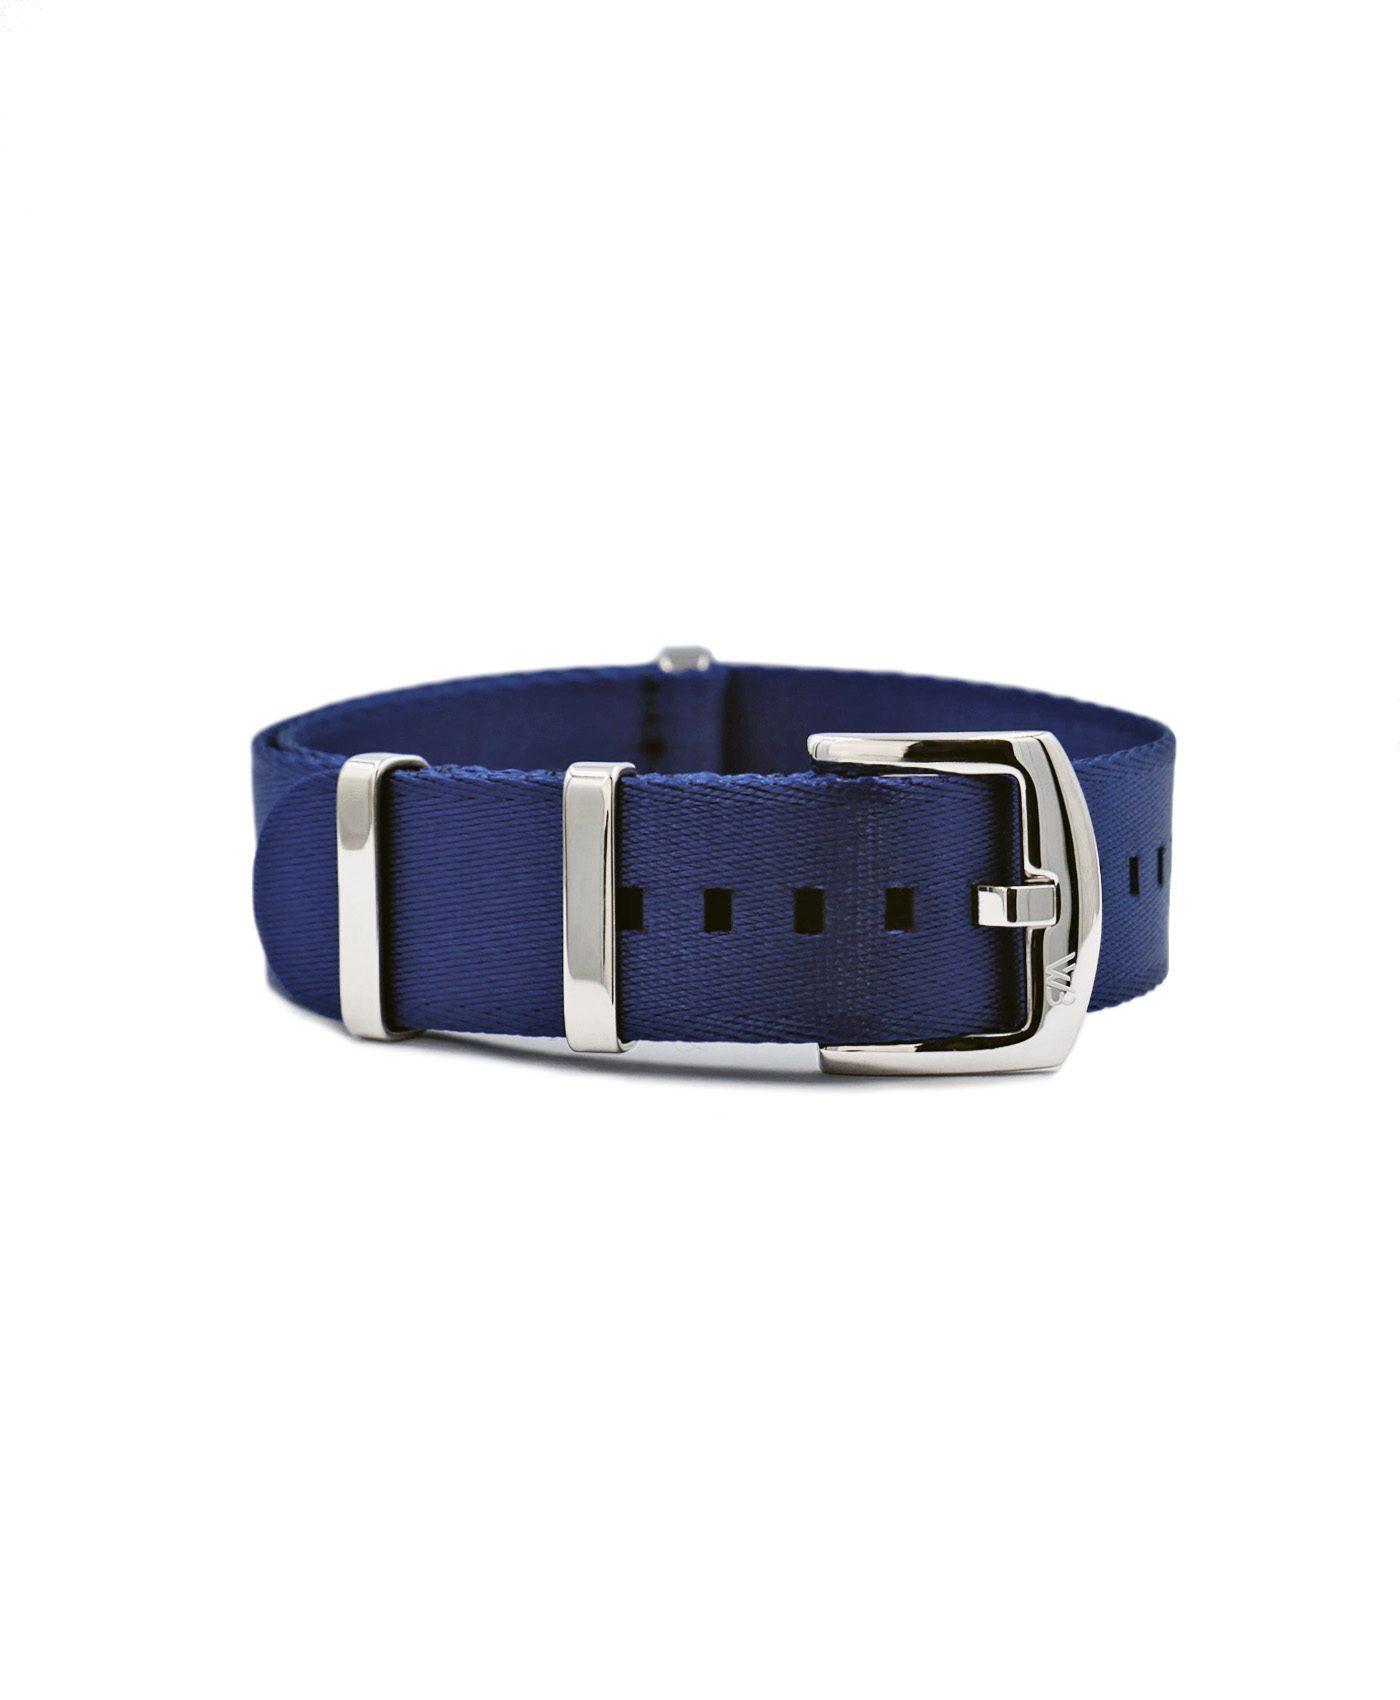 Premium 1.2 mm seat belt NATO Strap blue front by WatchBandit